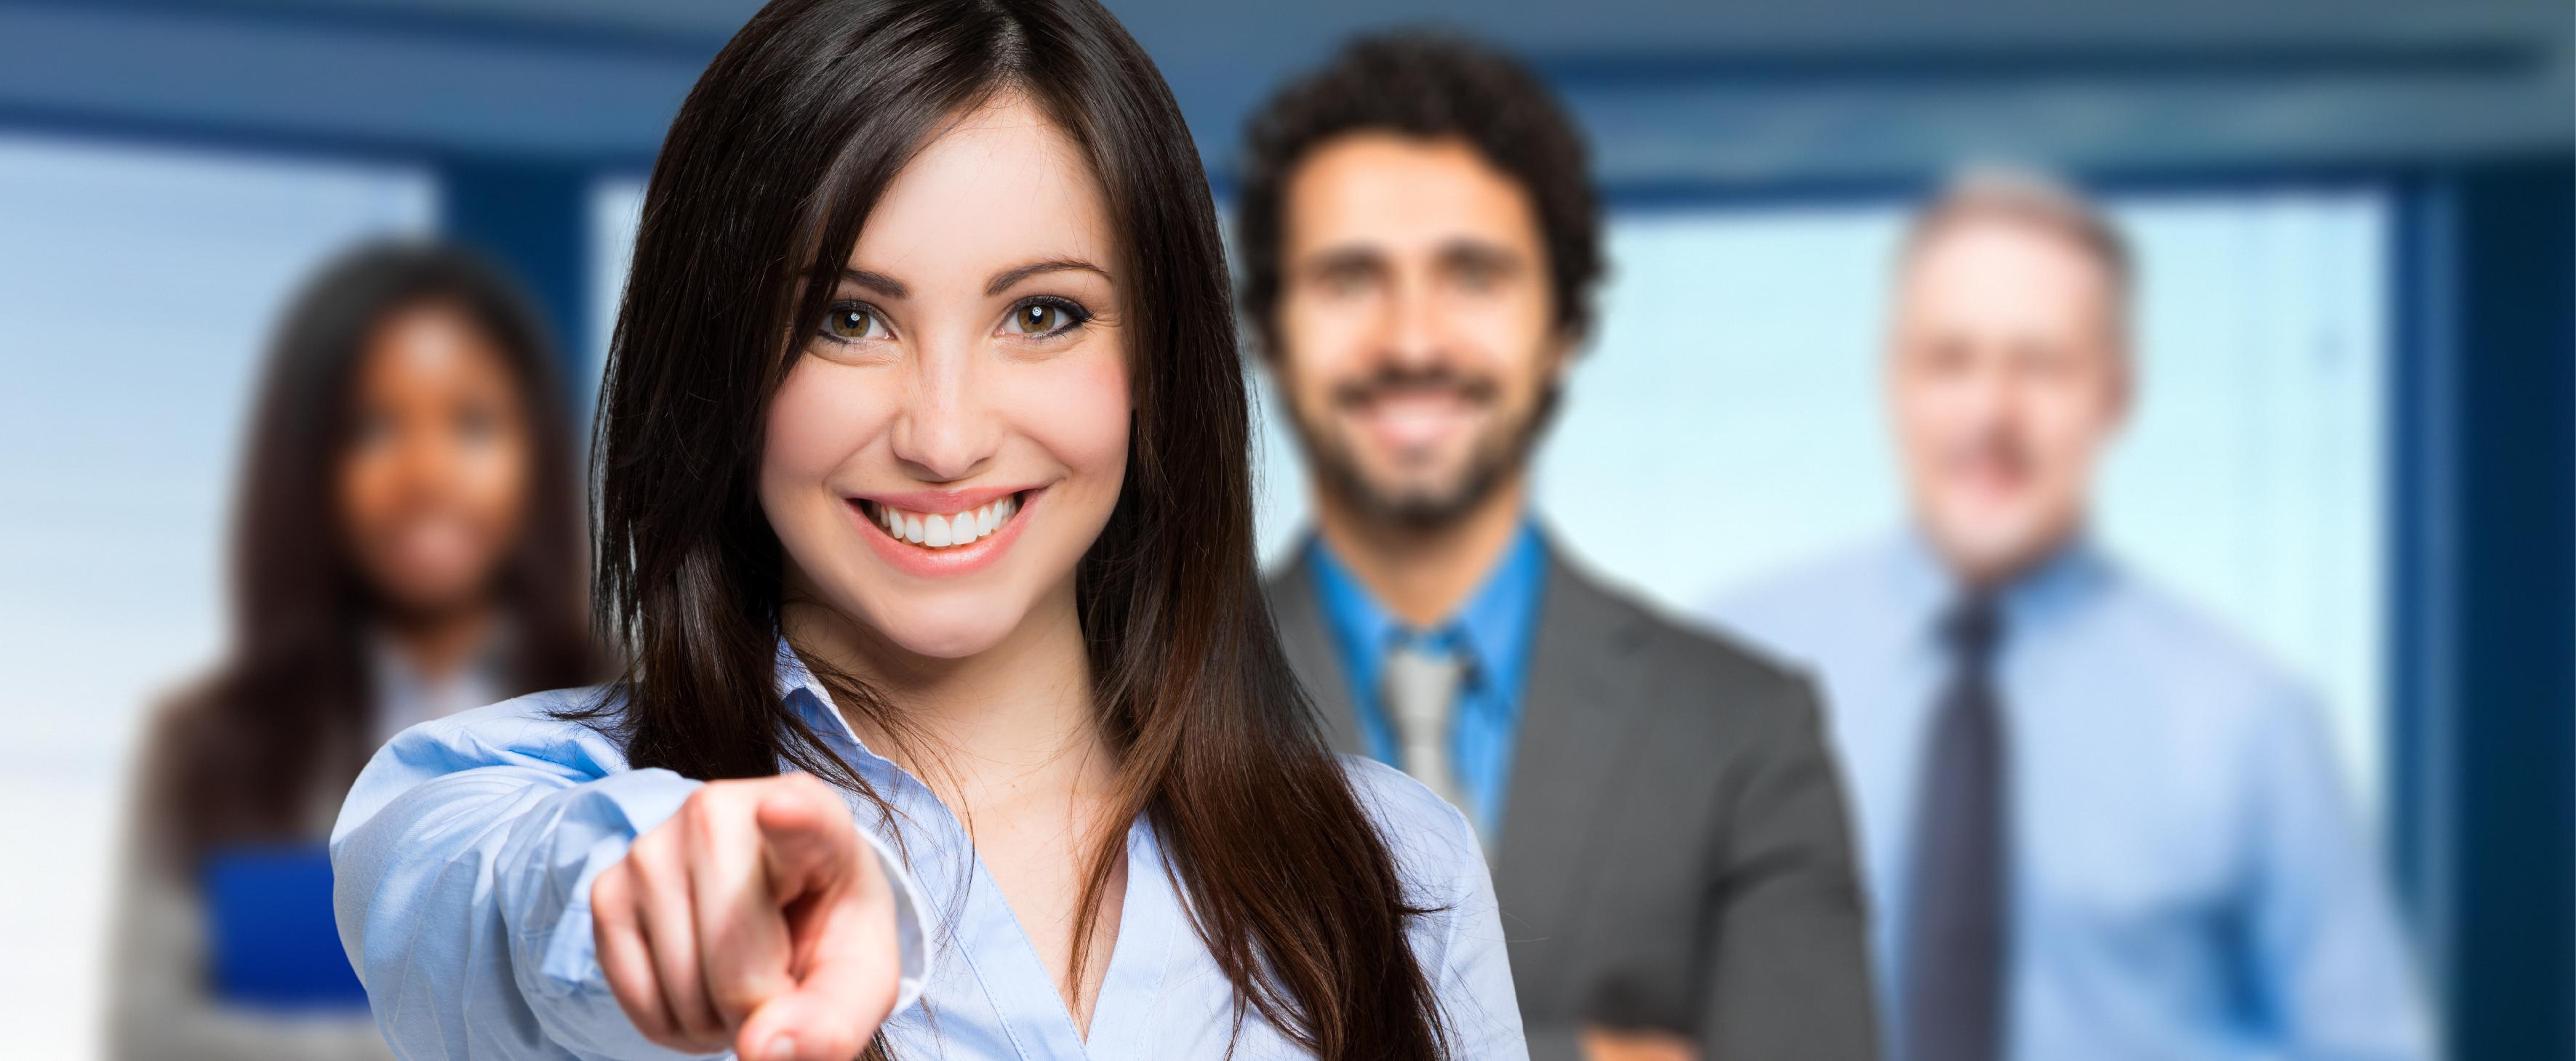 negocios-con-imagen-profesional